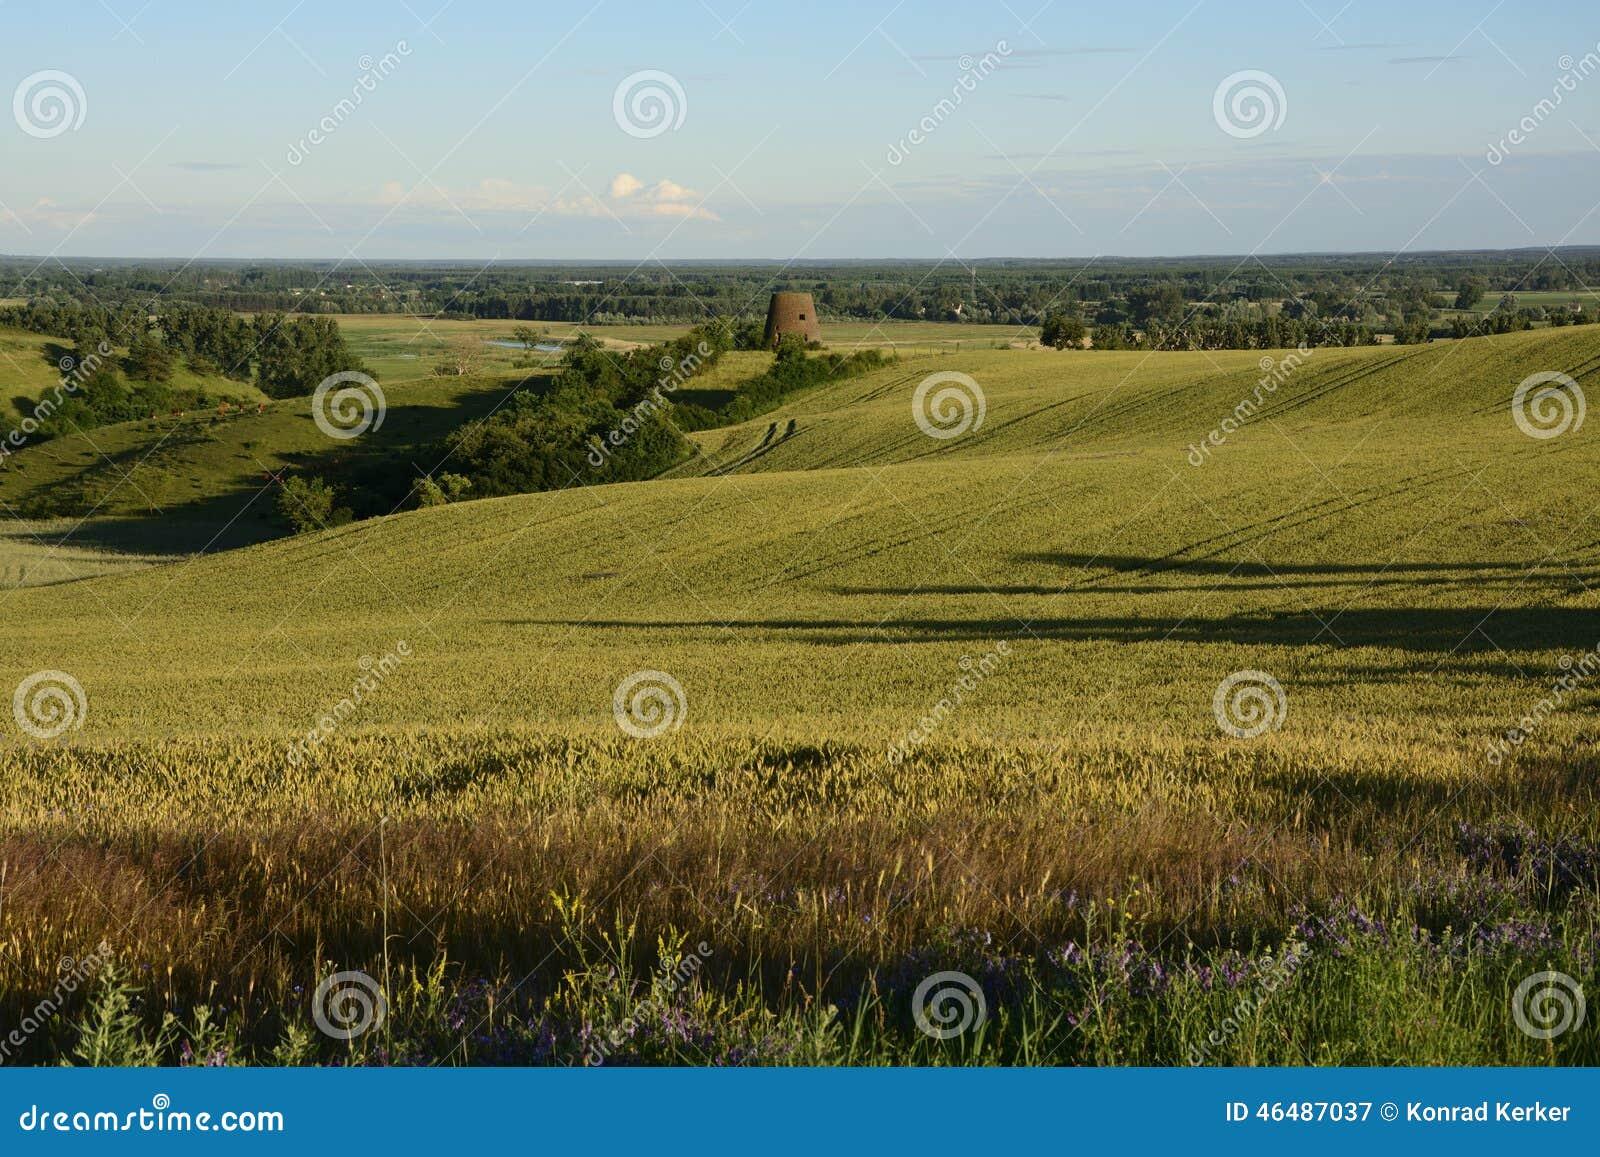 Außerhalb der Stadt - ländliche Landschaft - eine alte Windmühle auf dem Feld